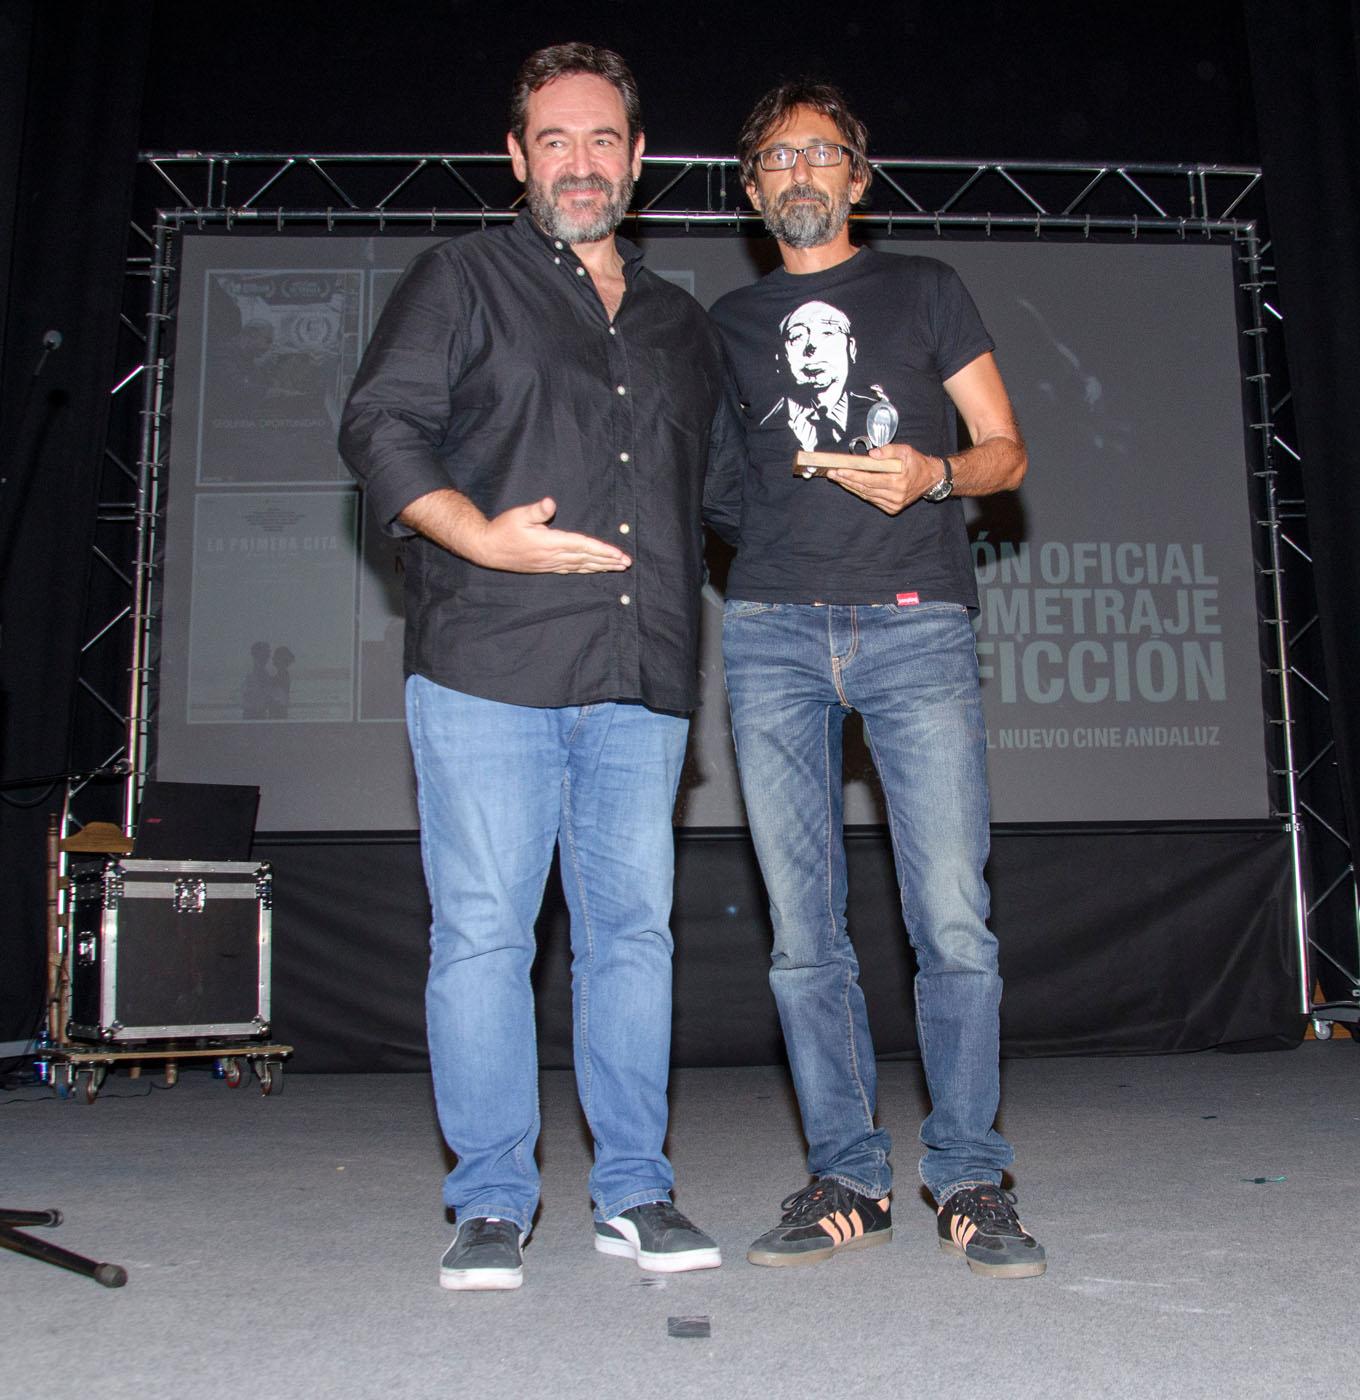 El director y guionista Enrique García, entrega el premio a la Mejor Dirección a Paco R. Baños